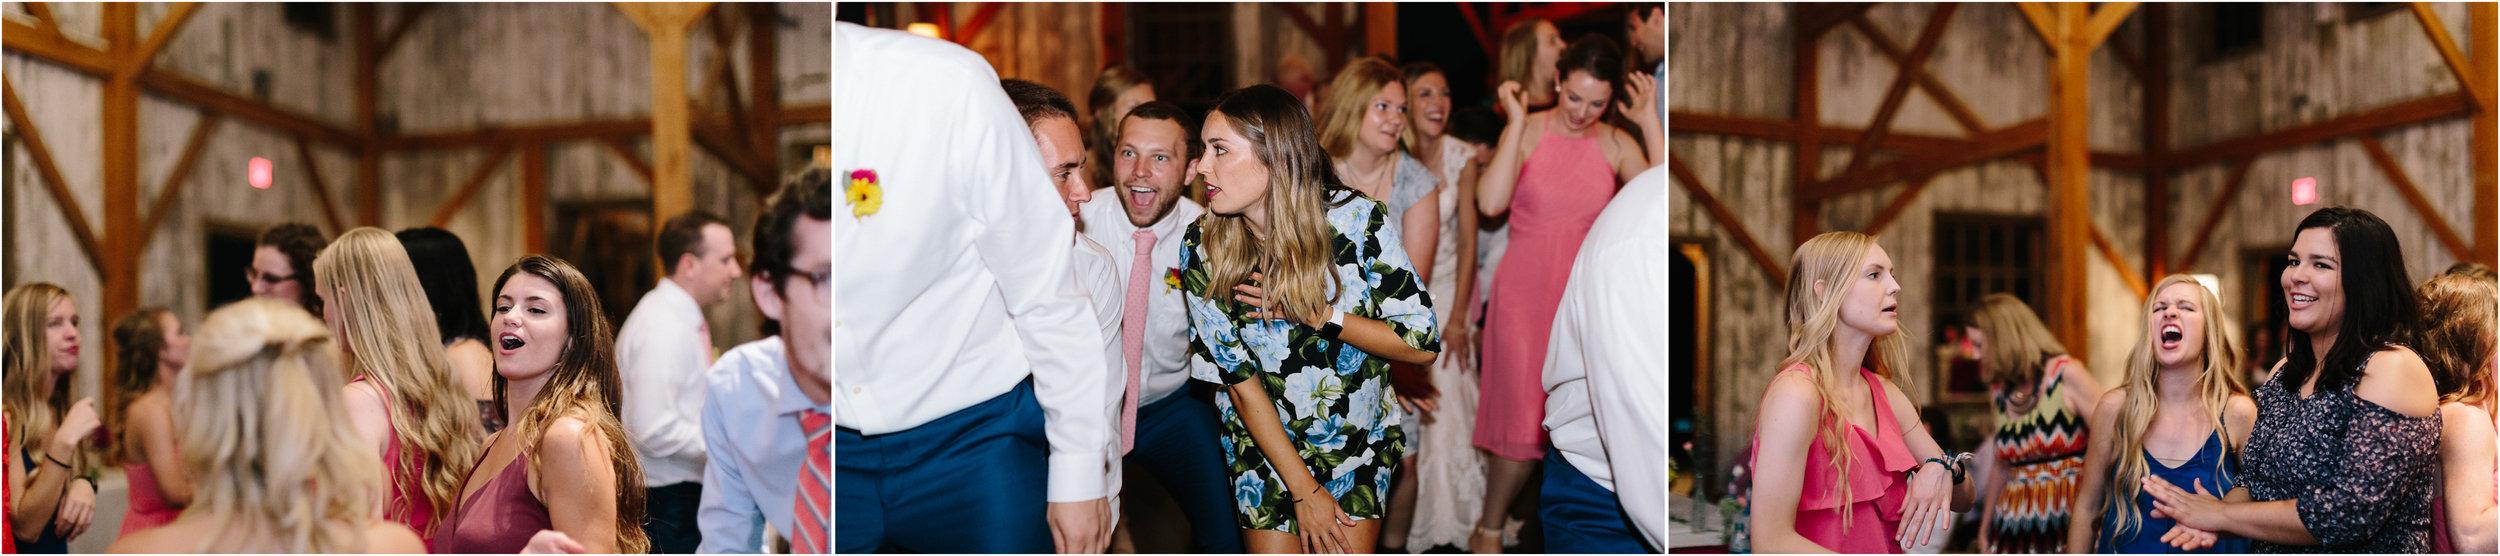 alyssa barletter photography weston missouri bright summer wedding allie and alex cole-63.jpg